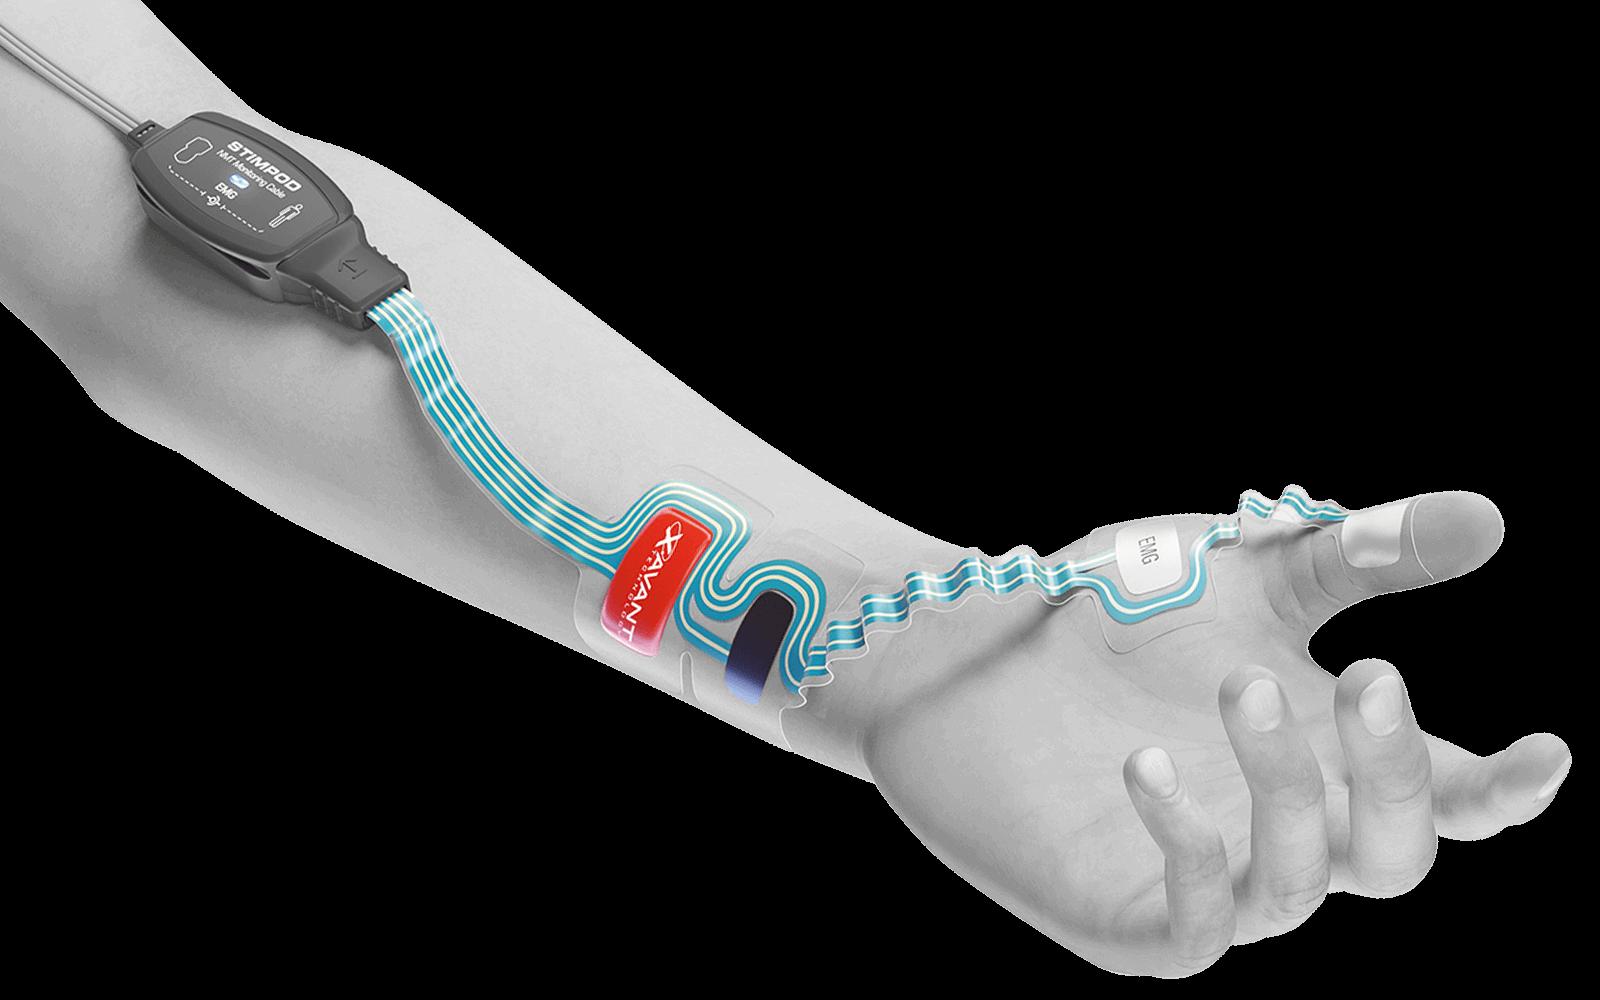 EMG on arm - grey - 1600x1000px